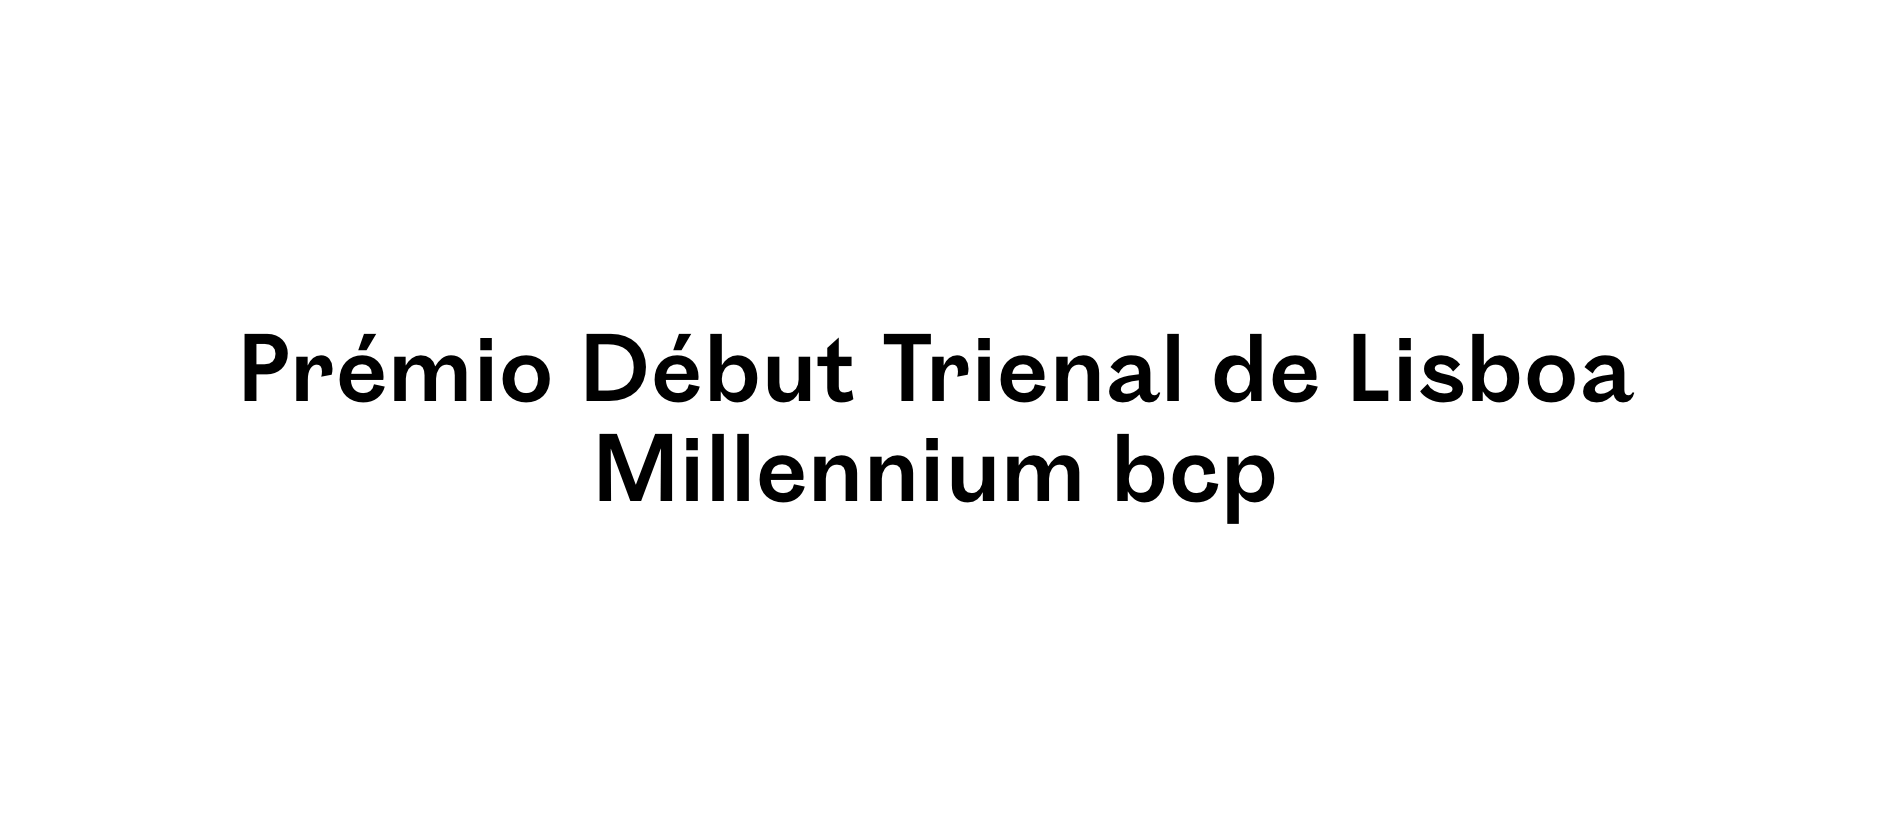 Prémio Début Trienal de Lisboa Millennium bcp